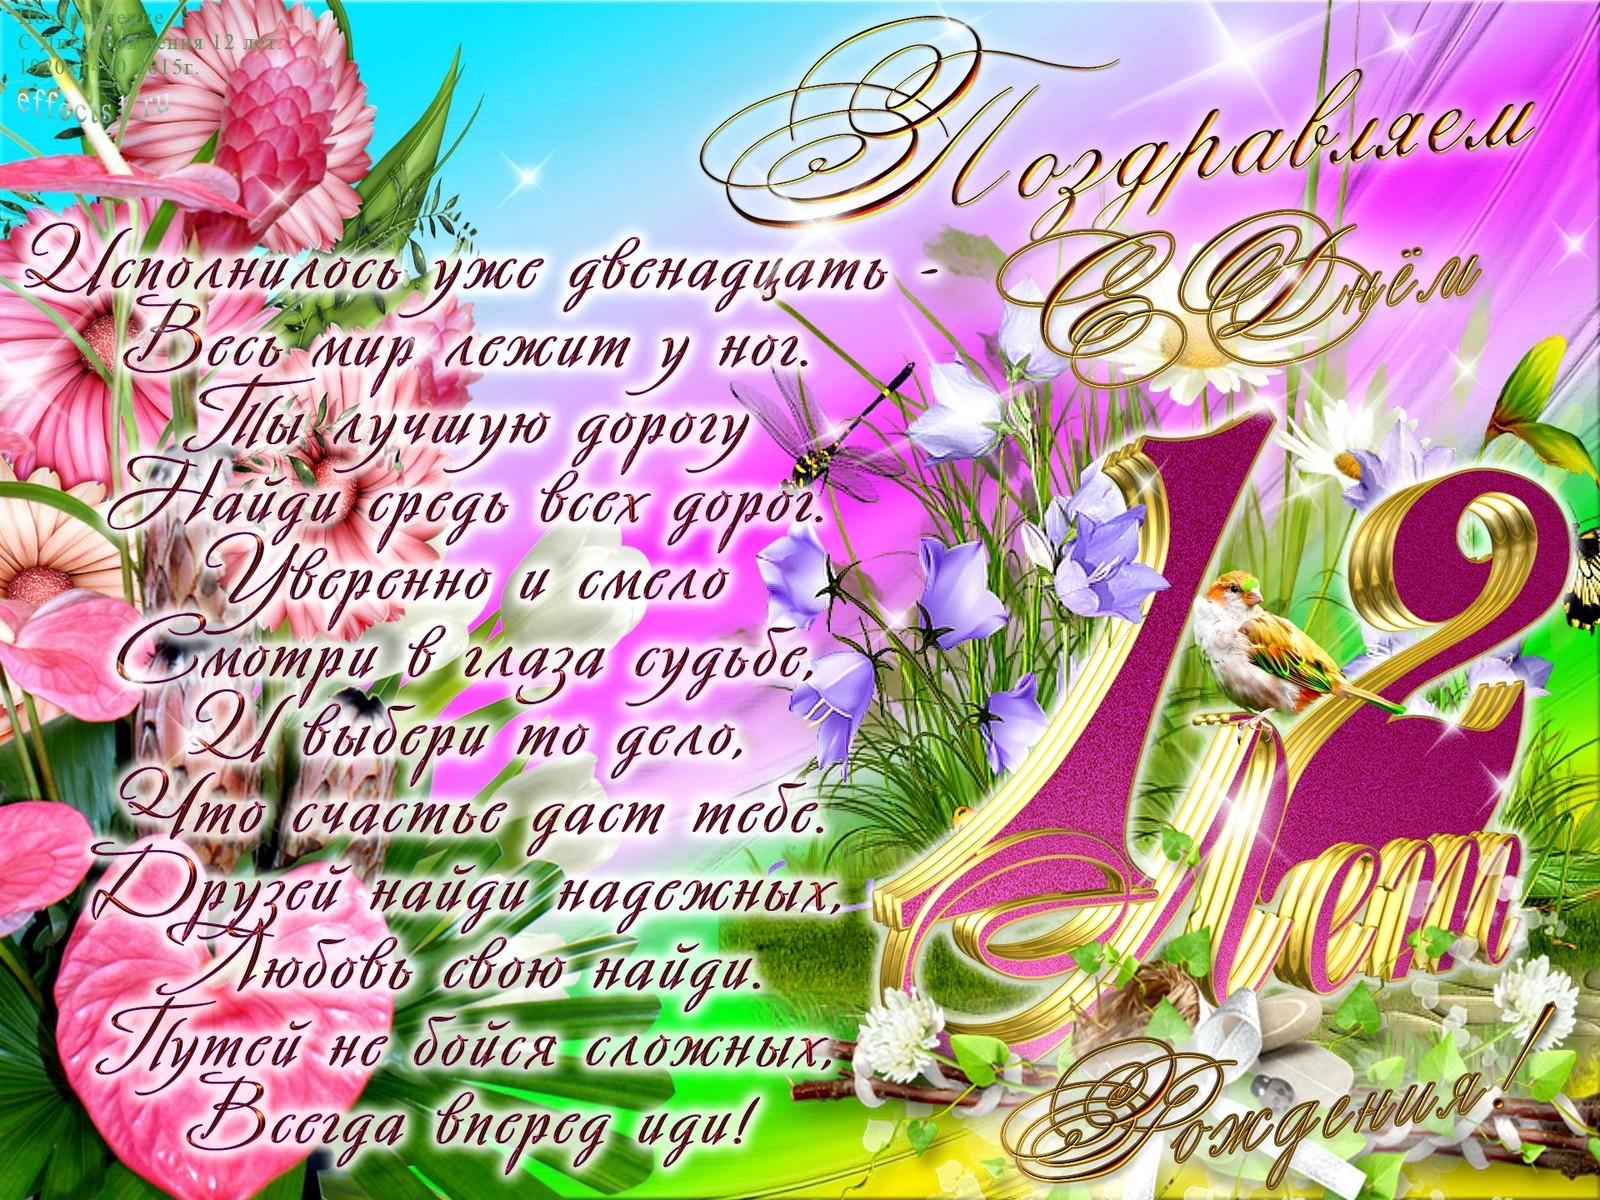 Поздравление с днем рождения для девочки 7 лет смс